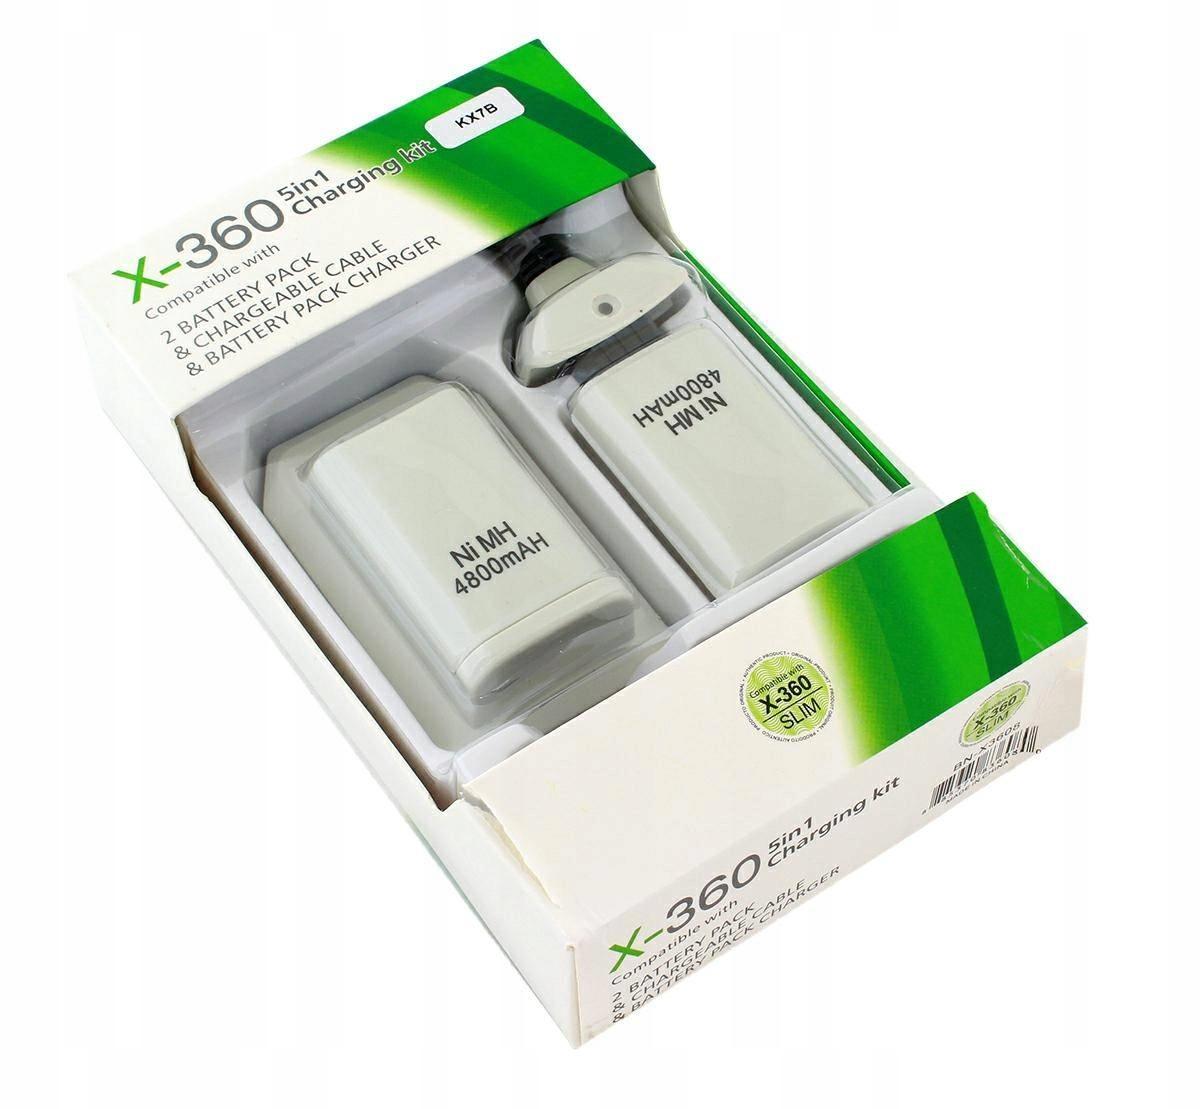 ŁADOWARKA XBOX 360 2x BATERIA DO PADA + KABEL USB